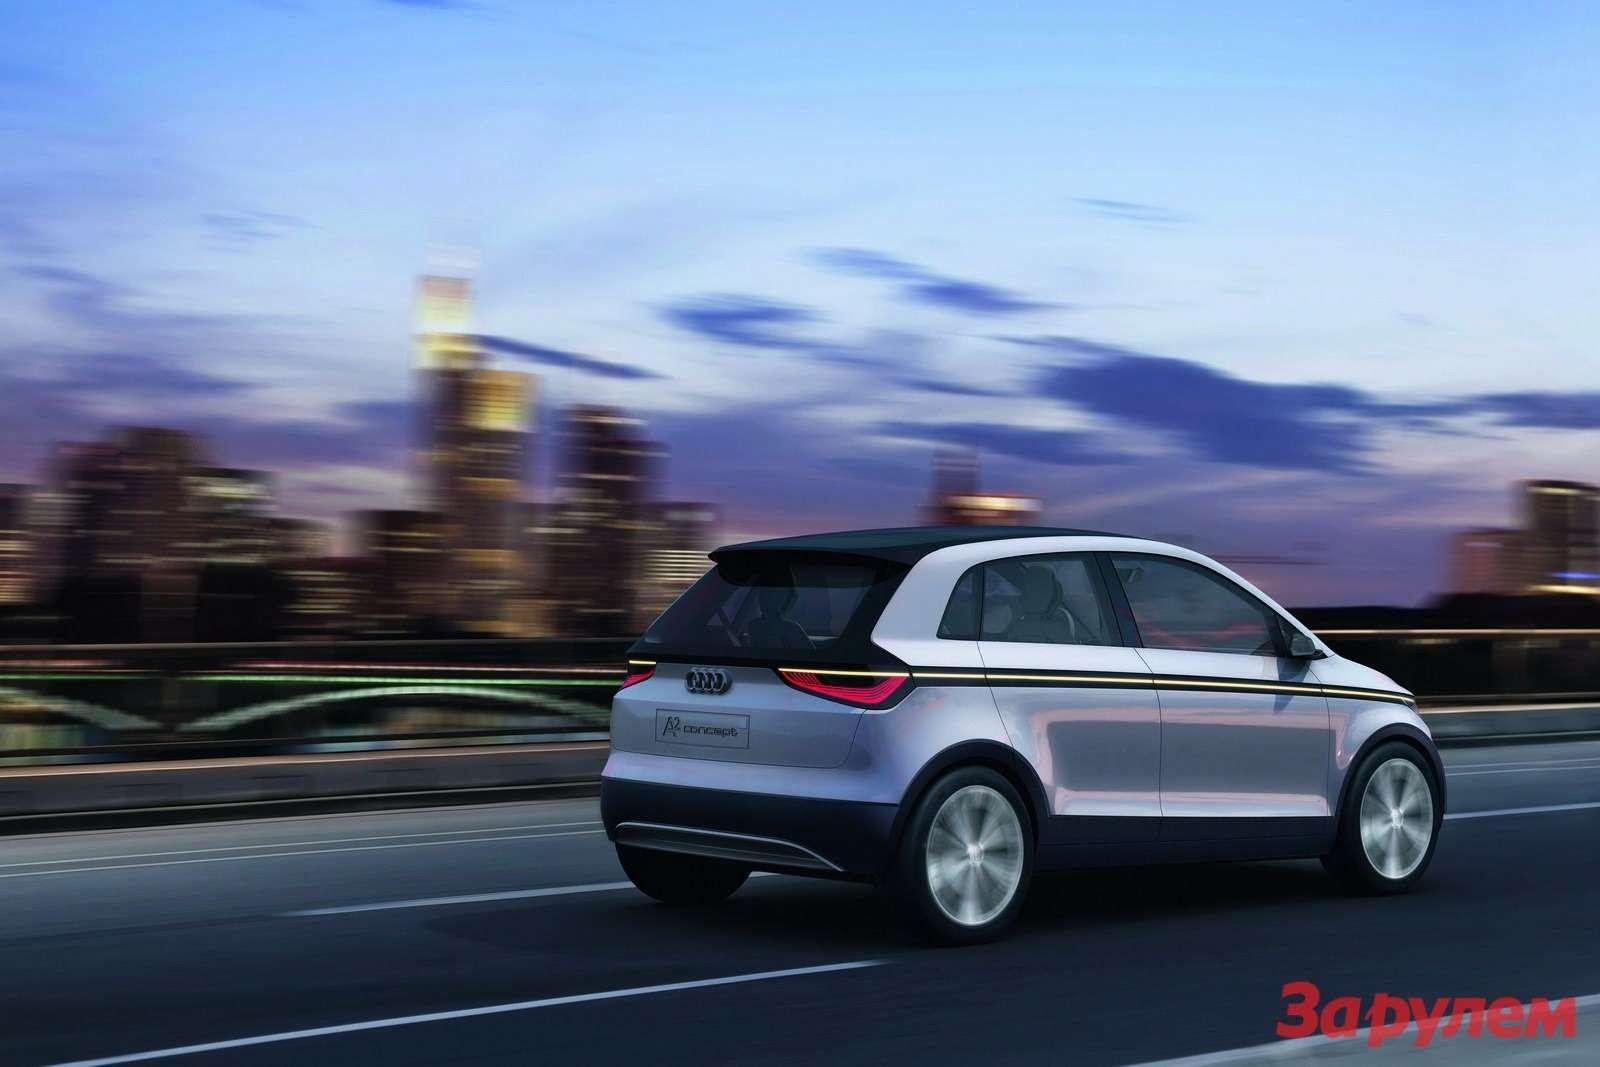 Audi_A2-Concept-11